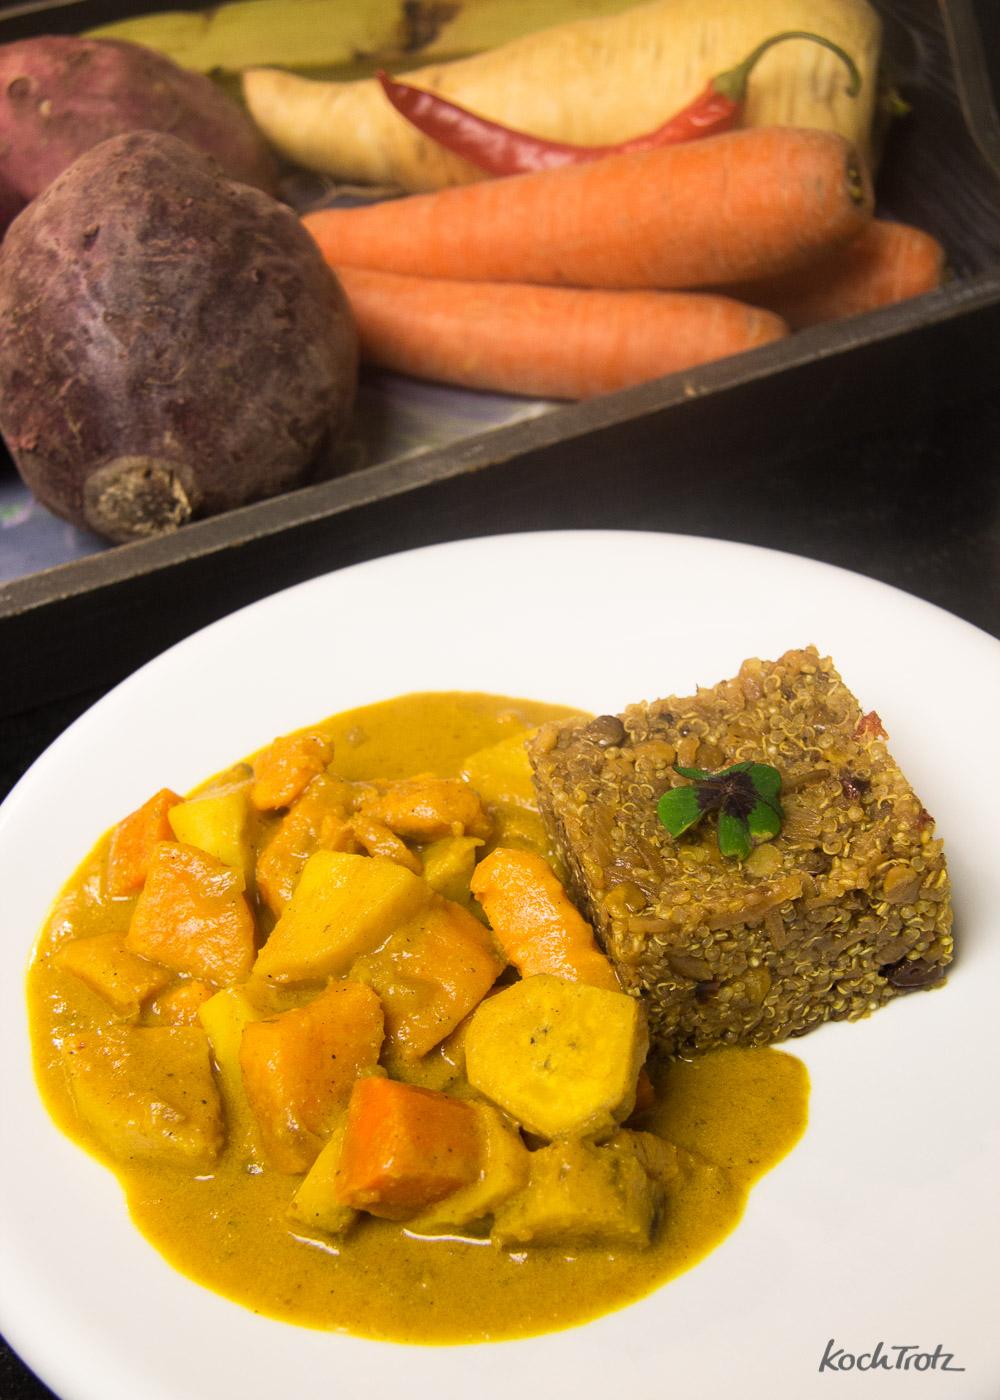 eintopf-mit-pastinaken-suesskartoffeln-kochbanane-karotte-vegan-indisch-1-6